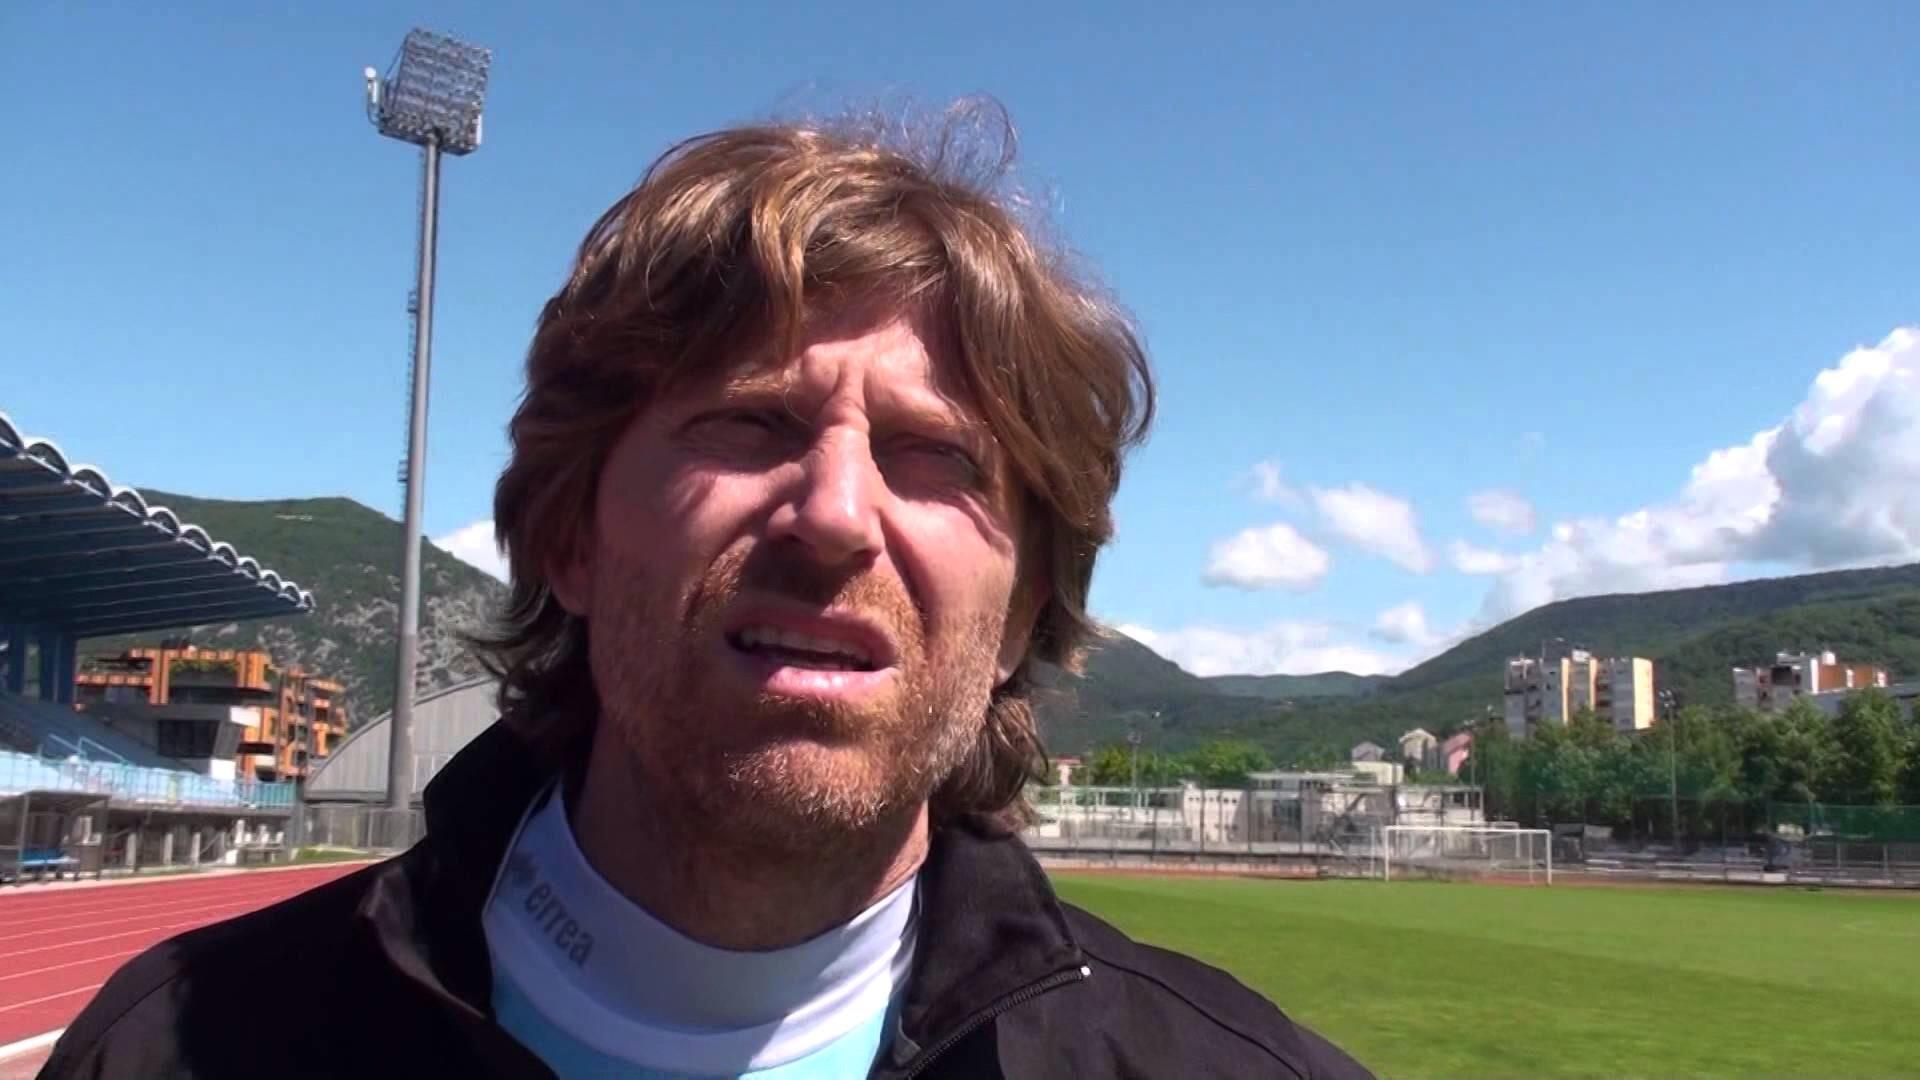 Orvietana, ufficiale: Nardecchia nuovo allenatore